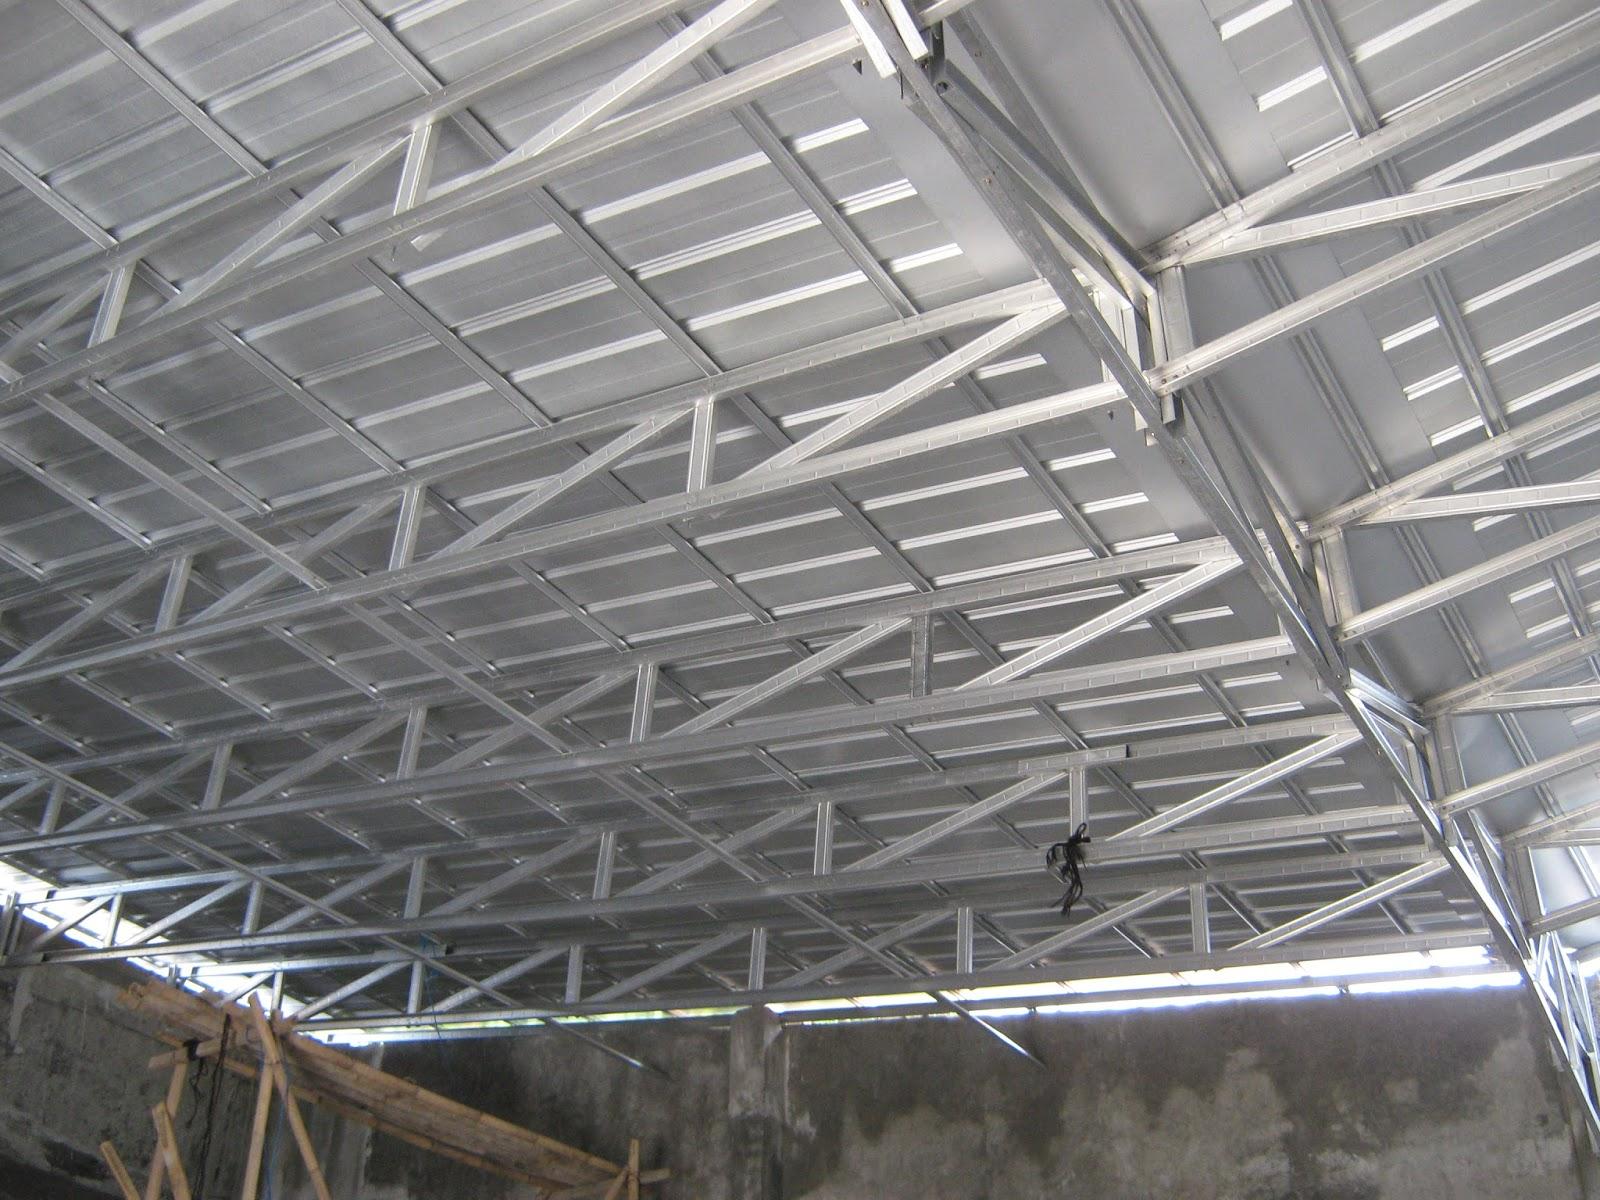 harga rangka baja ringan per meter persegi 085273531700 jasa pasang atap murah di bengkulu